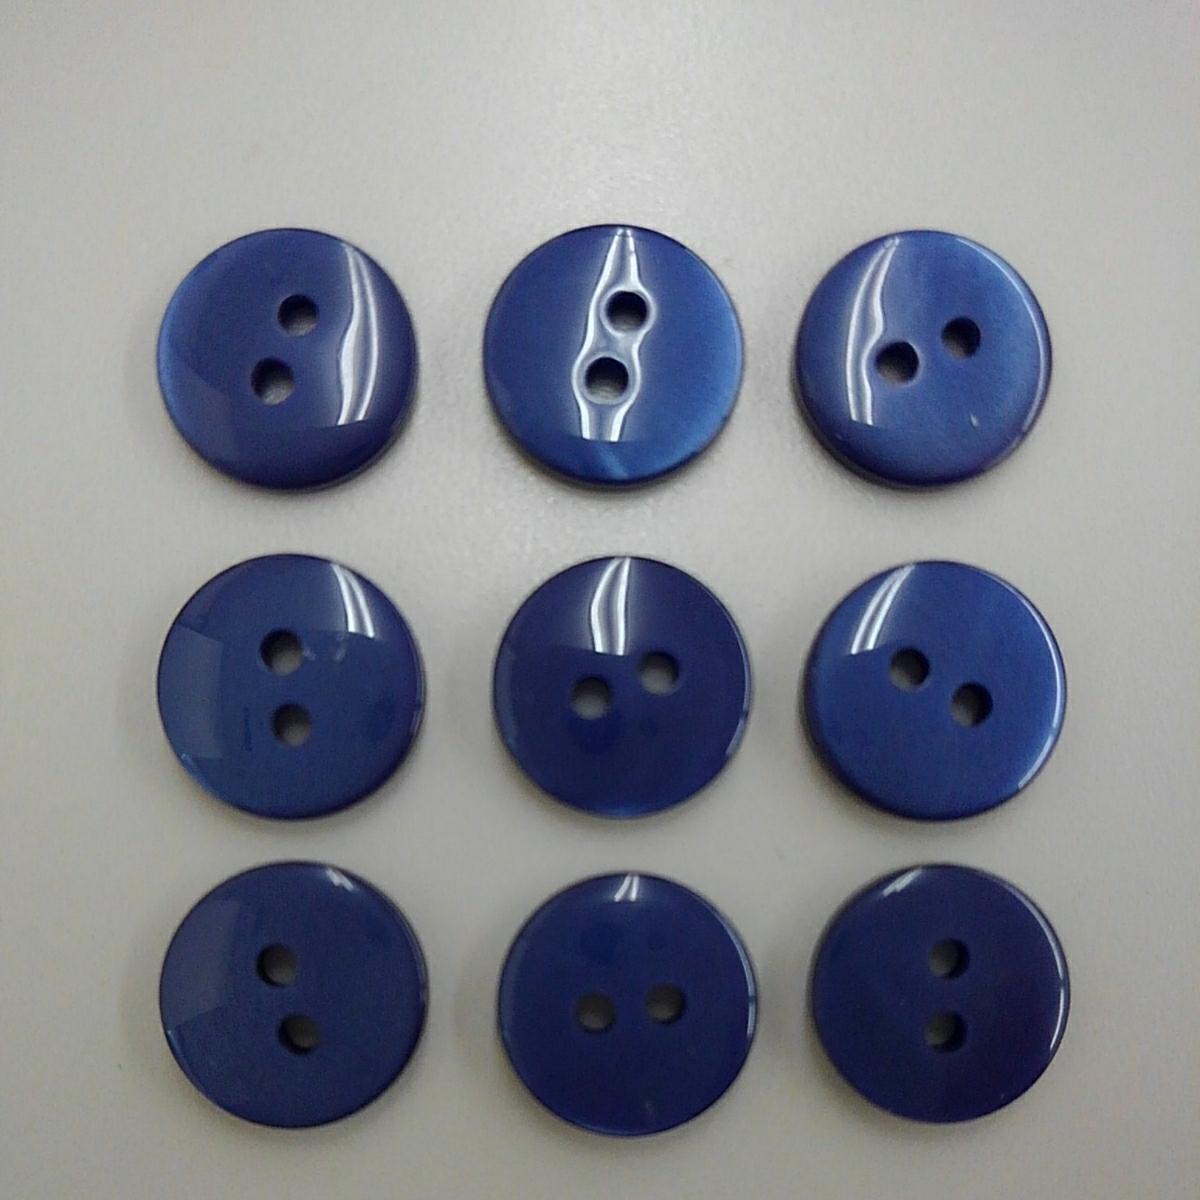 ◆ボタン 9個 クリアパープル◆_画像2